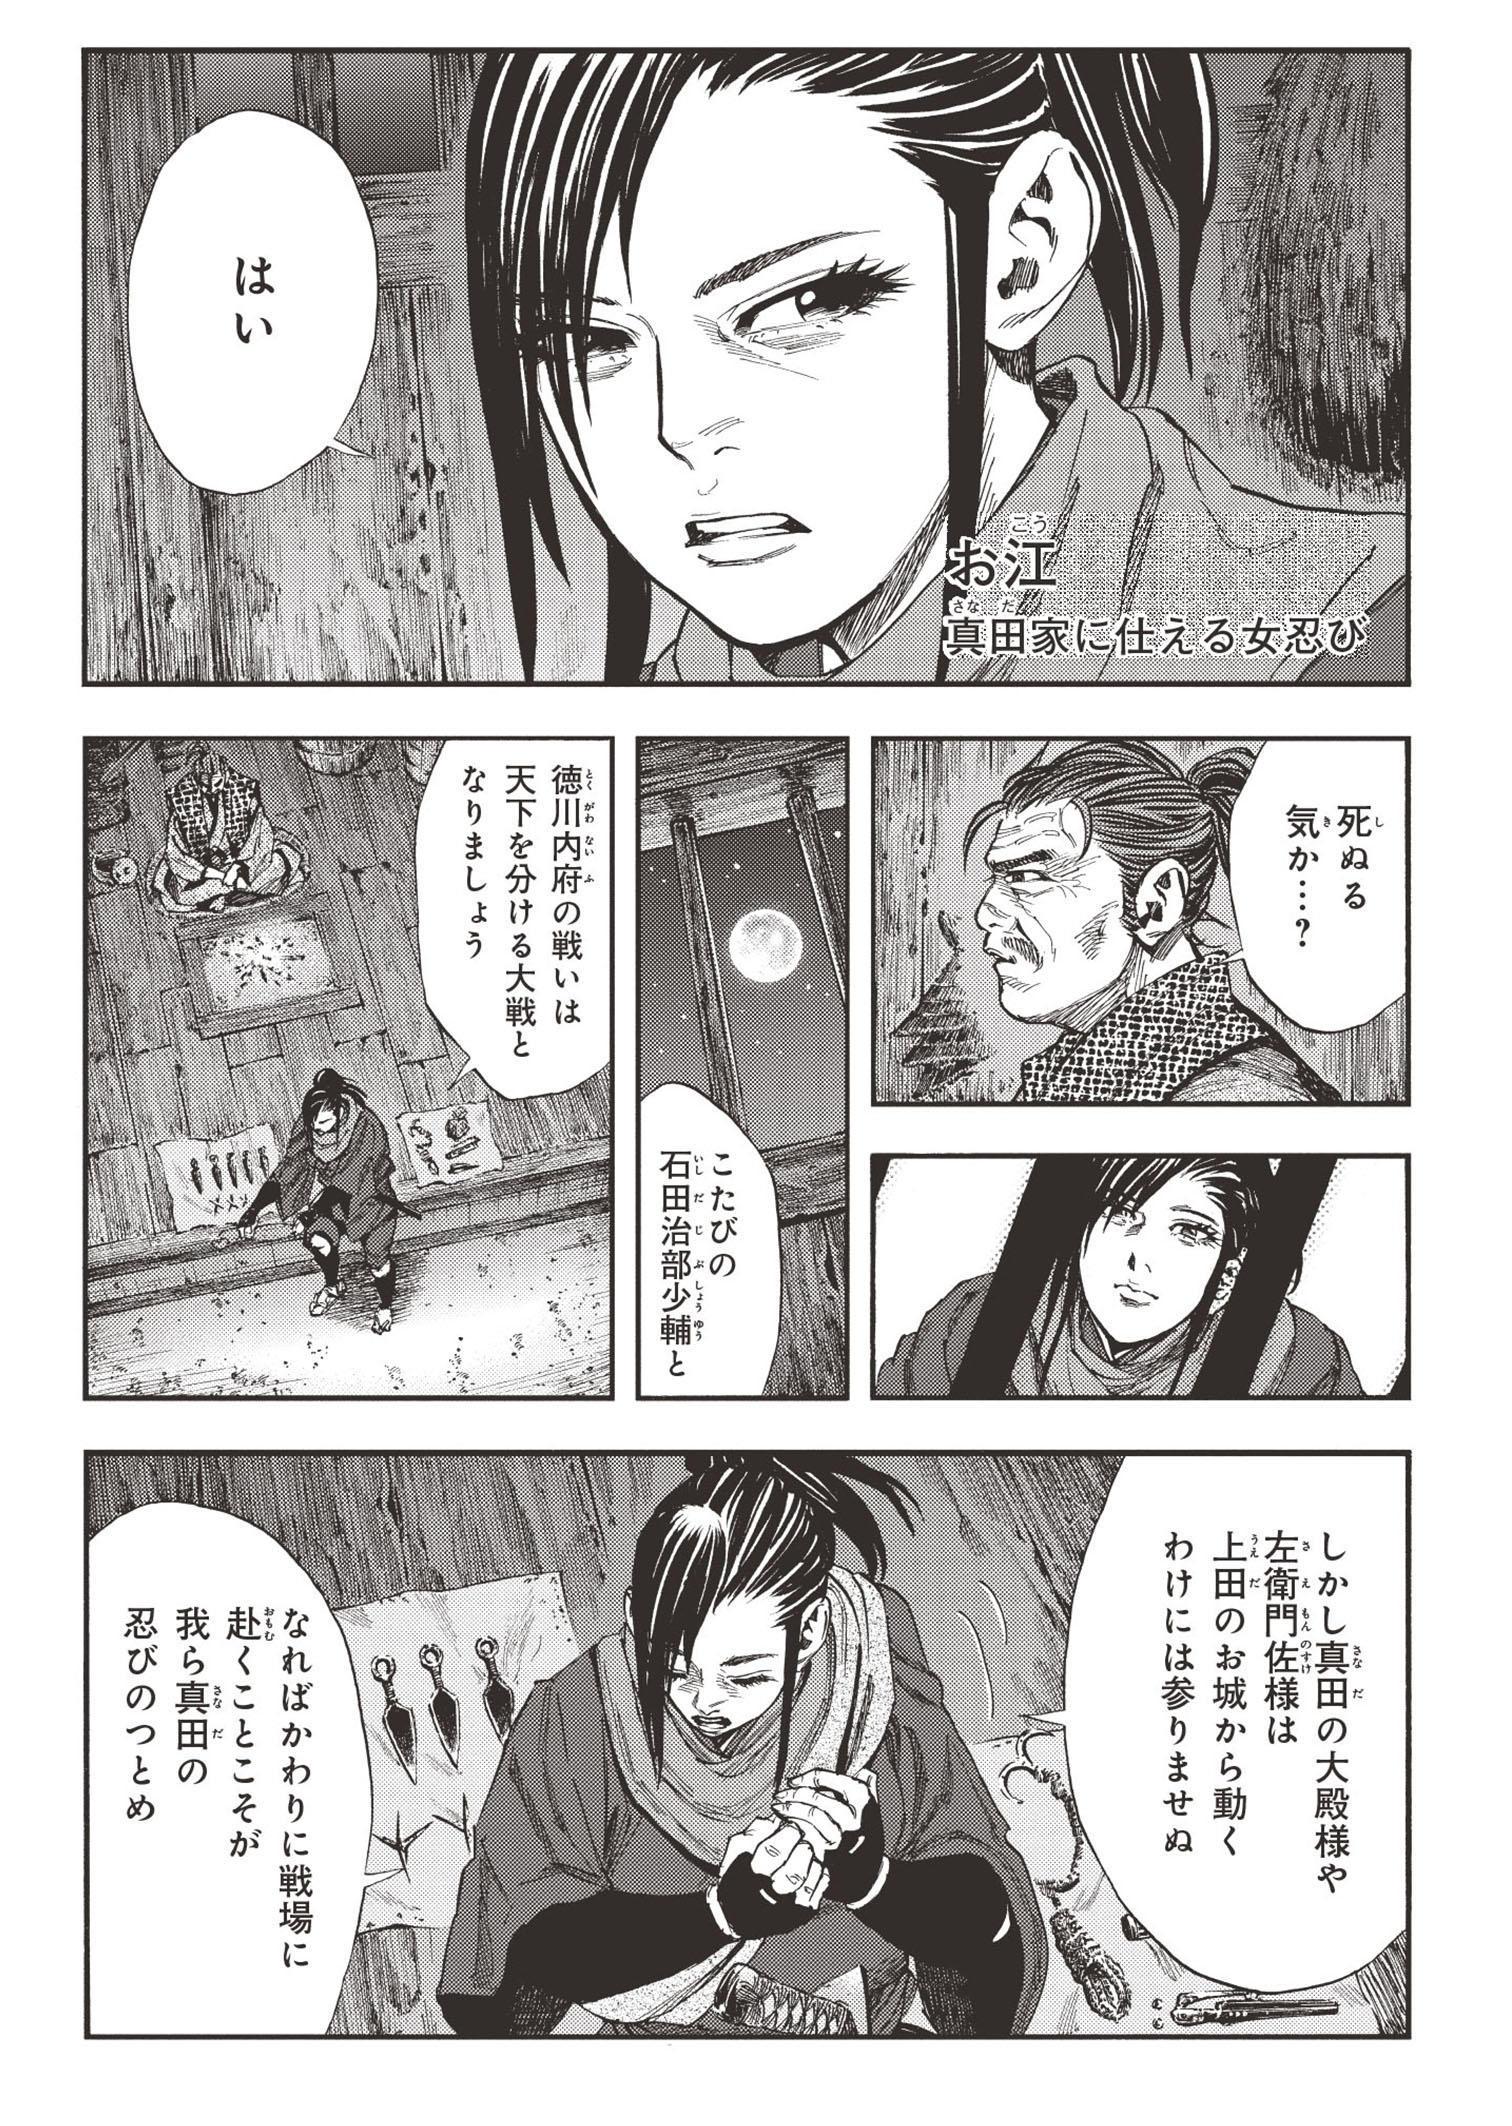 真田太平記 第0話「日本一の兵」①sanada01_011.jpg